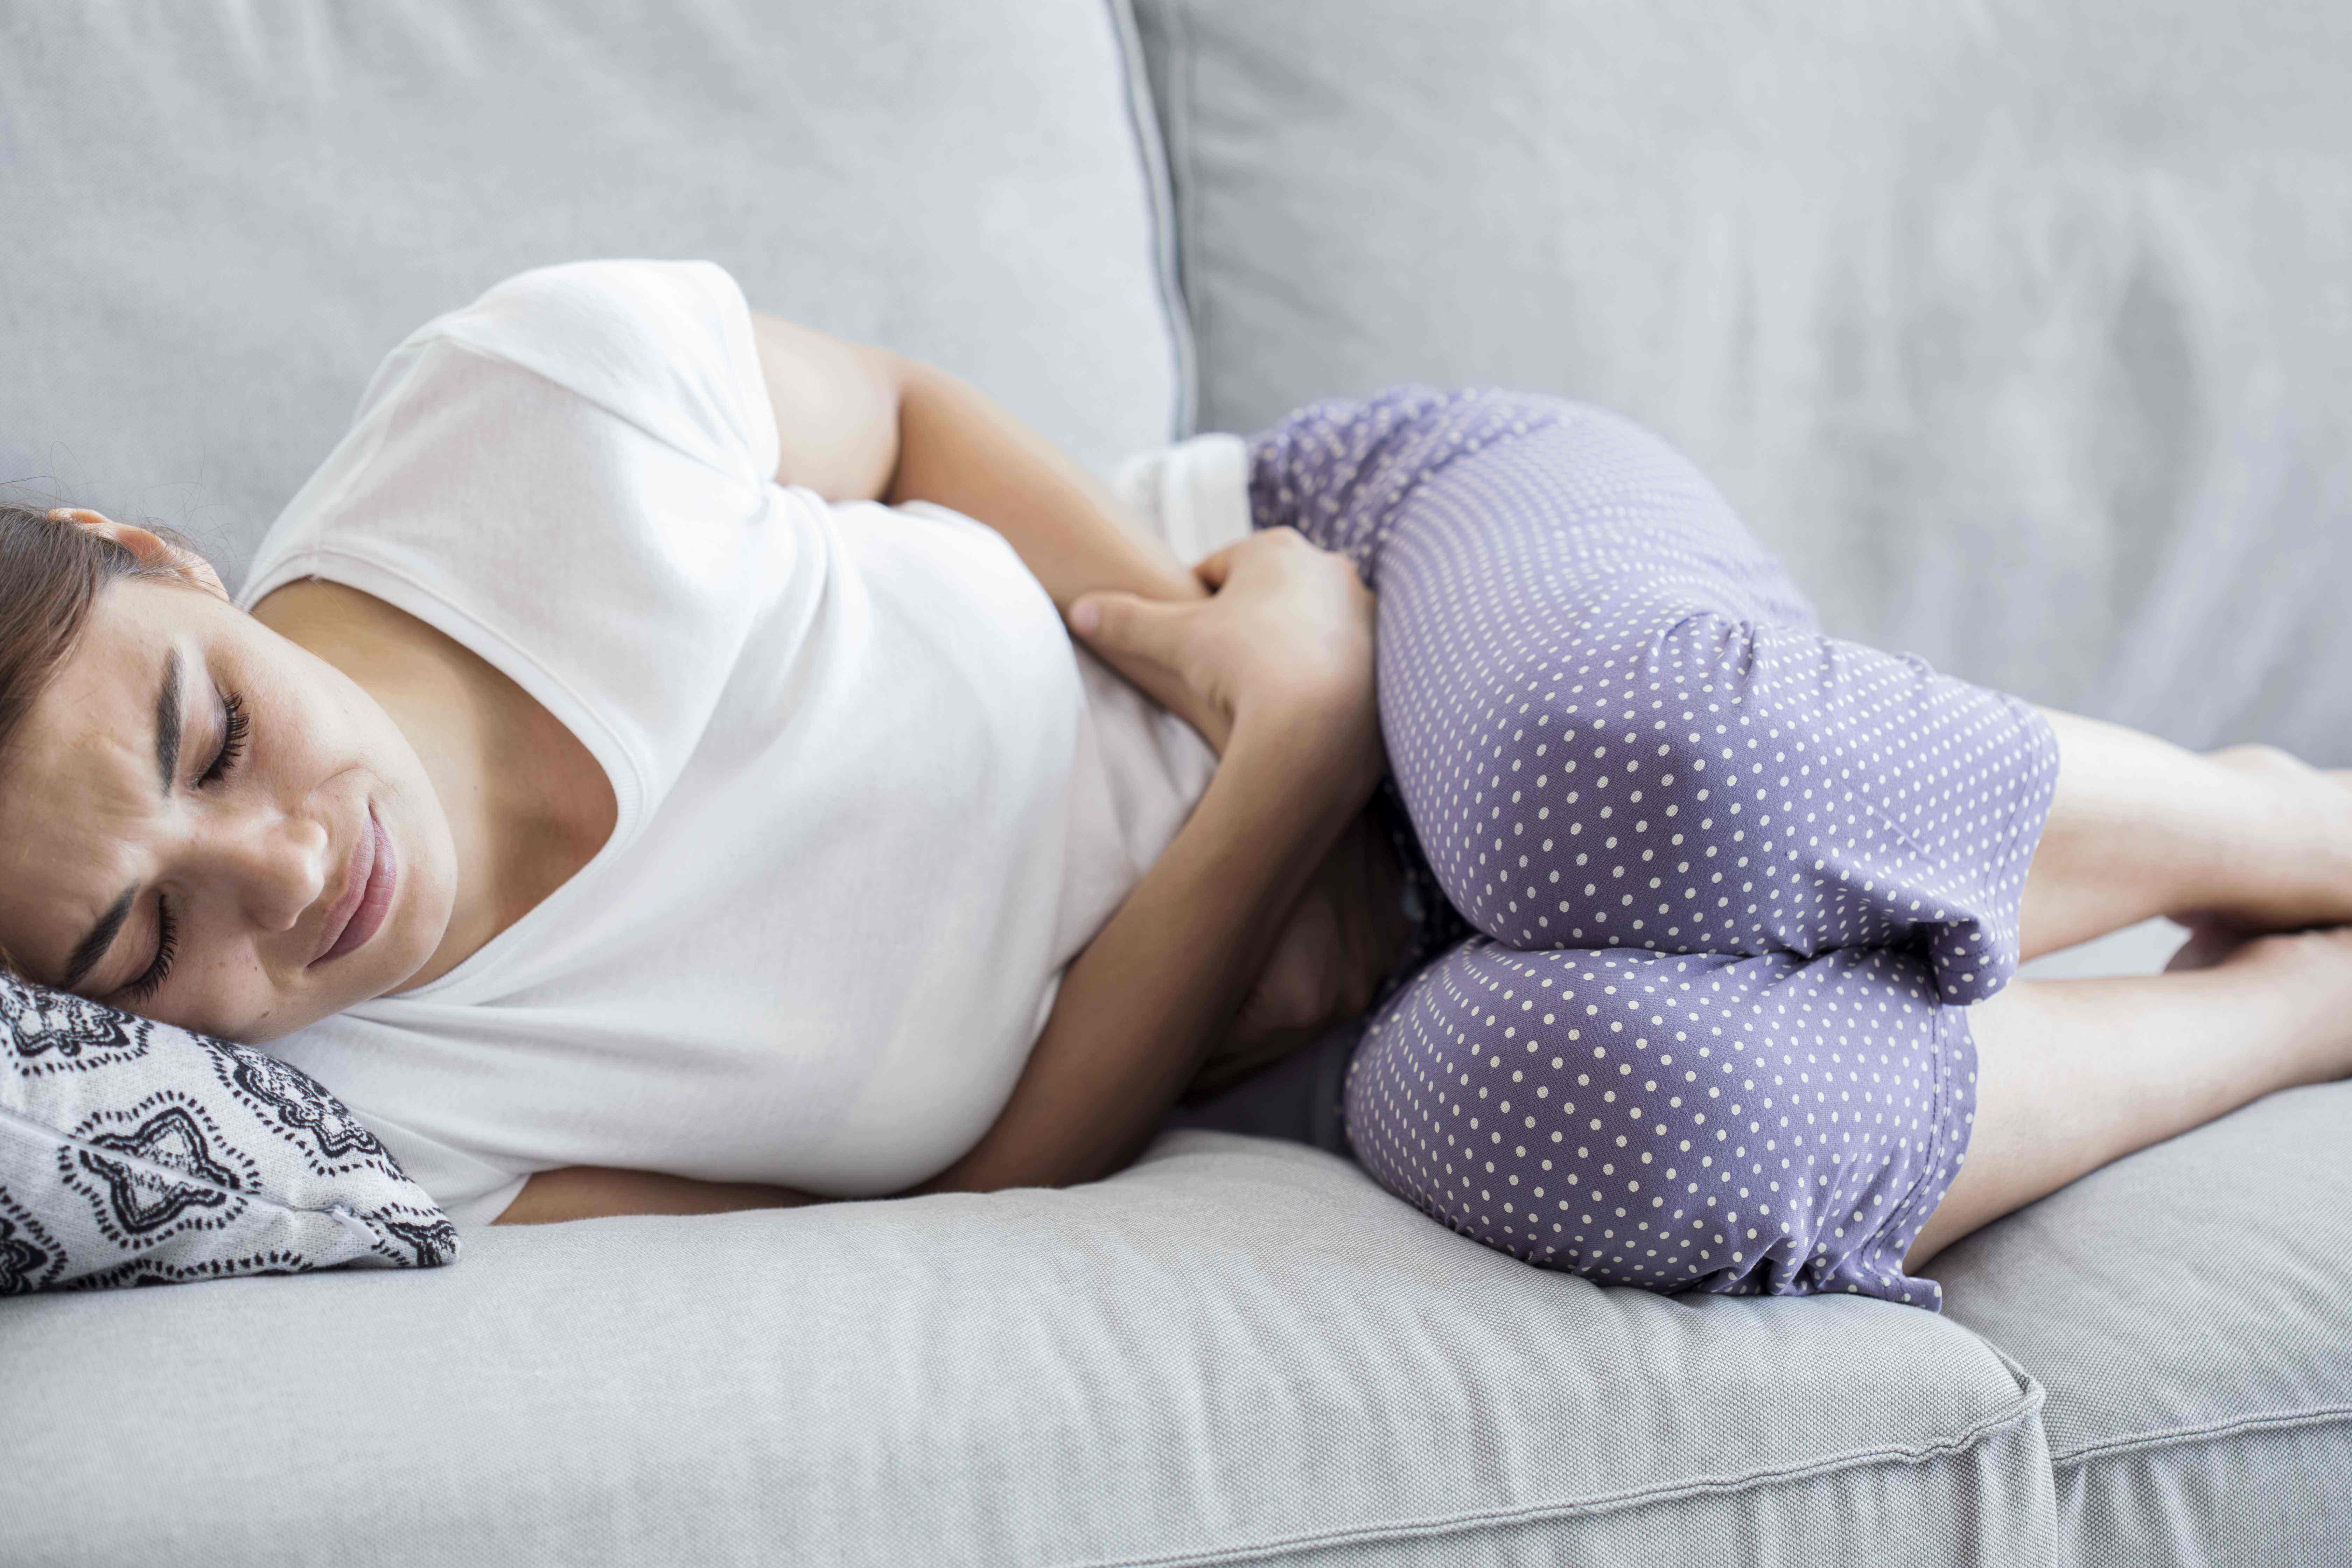 女性小腹隐隐作痛是什么原因,这四种情况一定要上医院